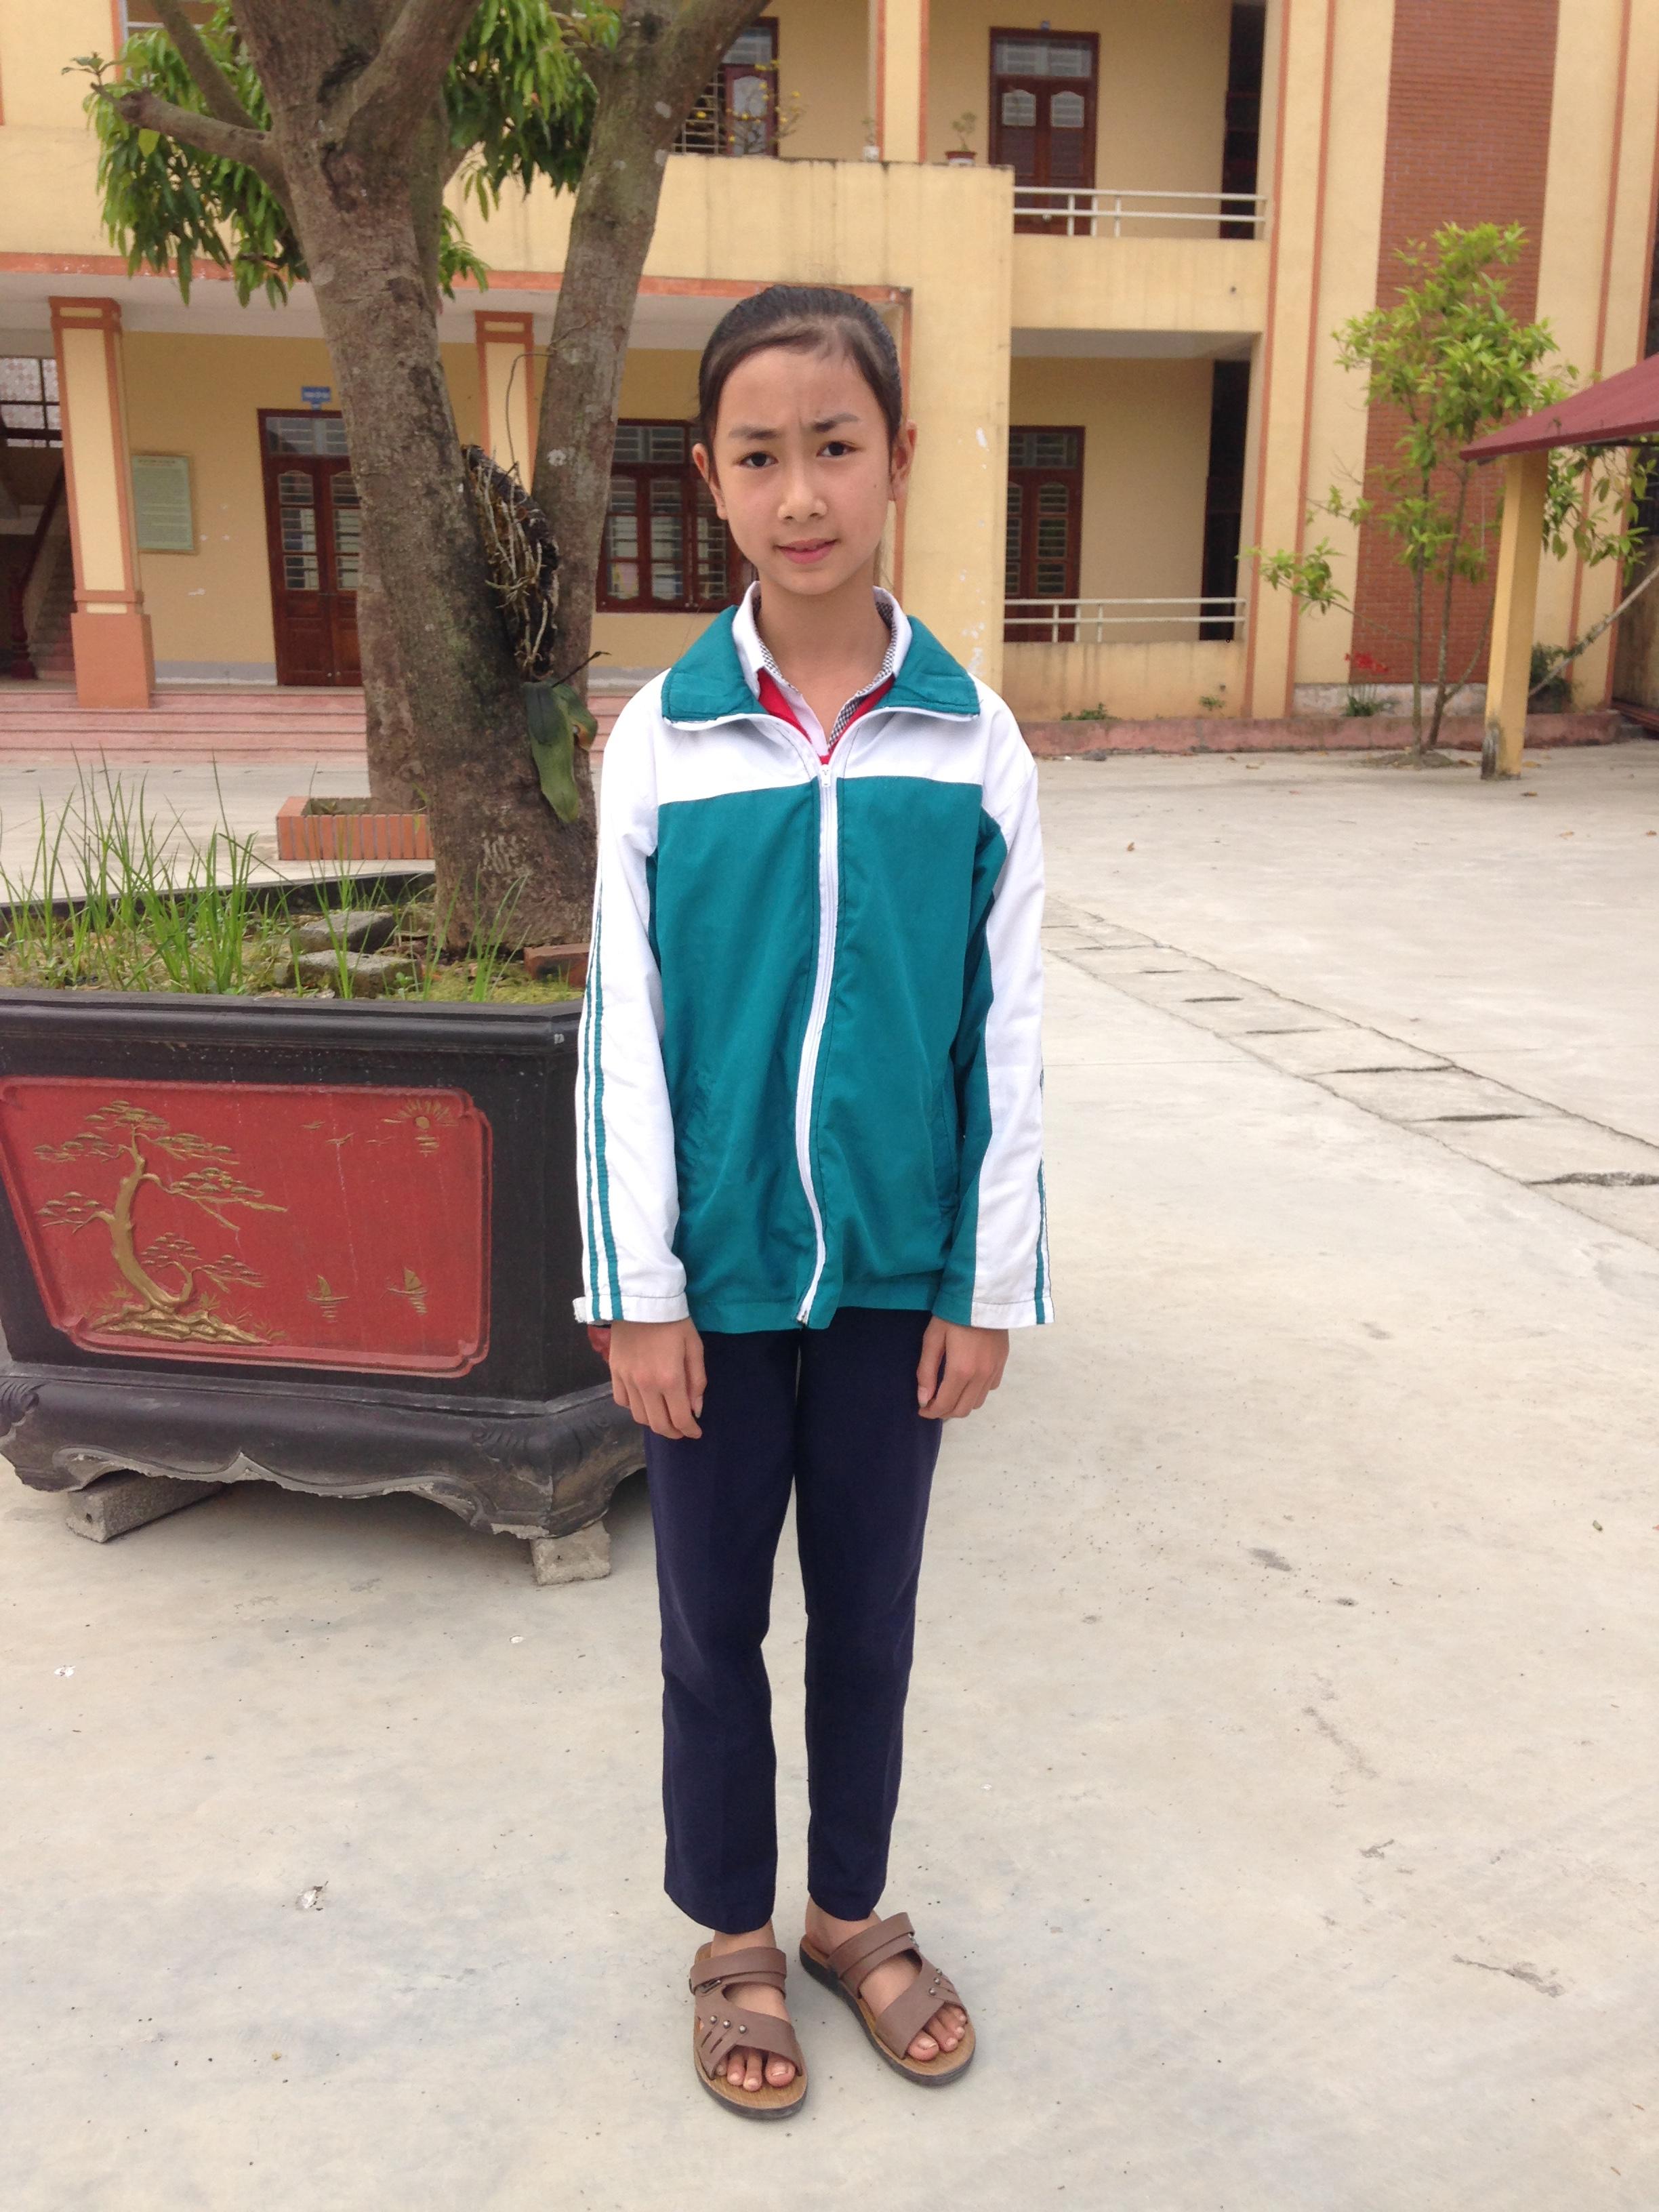 DE ROUSIERS_PHAM Thi Bich Thu